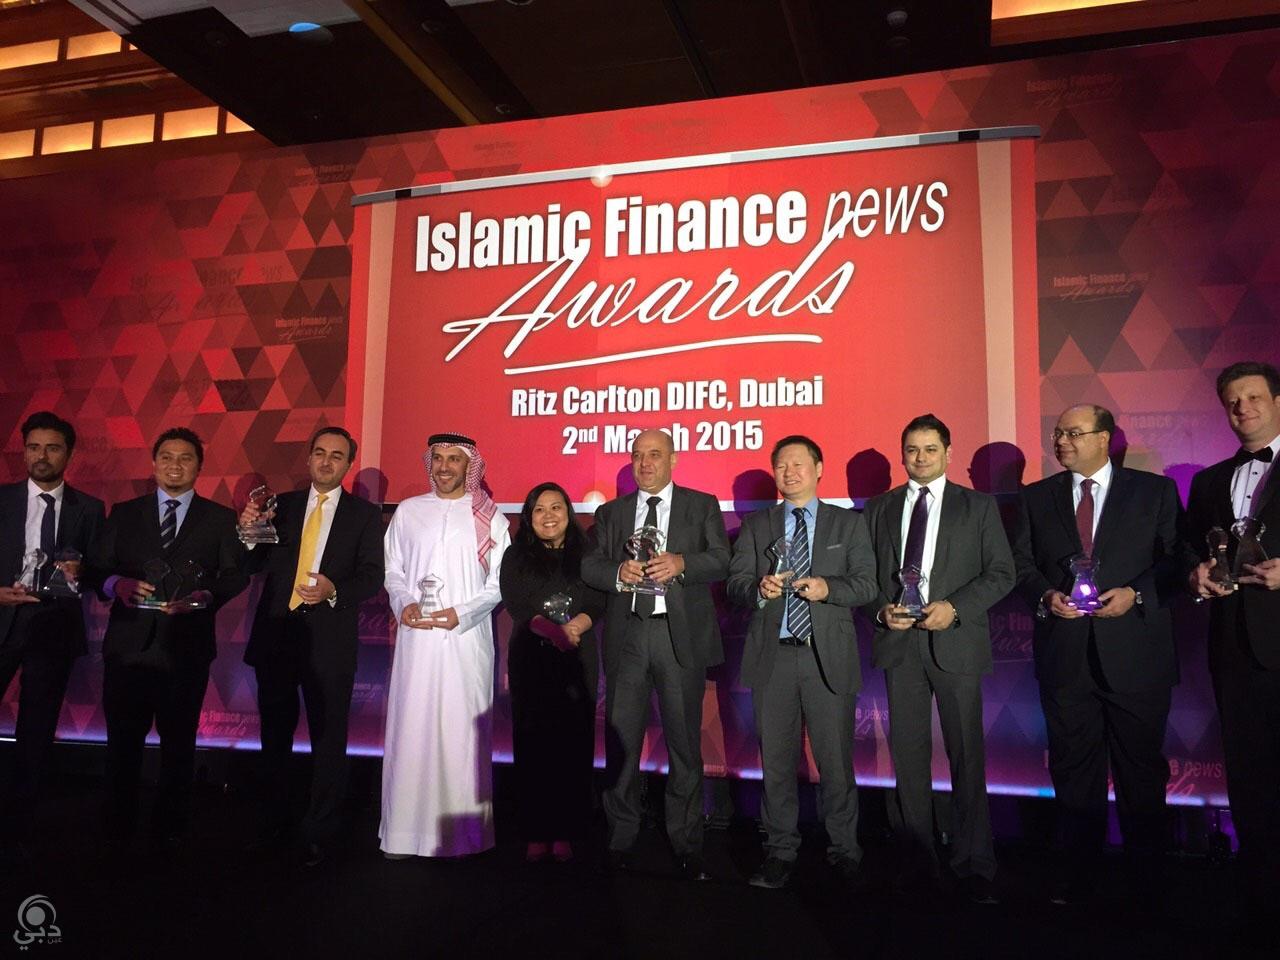 مصرف الهلال يتسلم 4 جوائز من مجلة أخبار التمويل الإسلامي